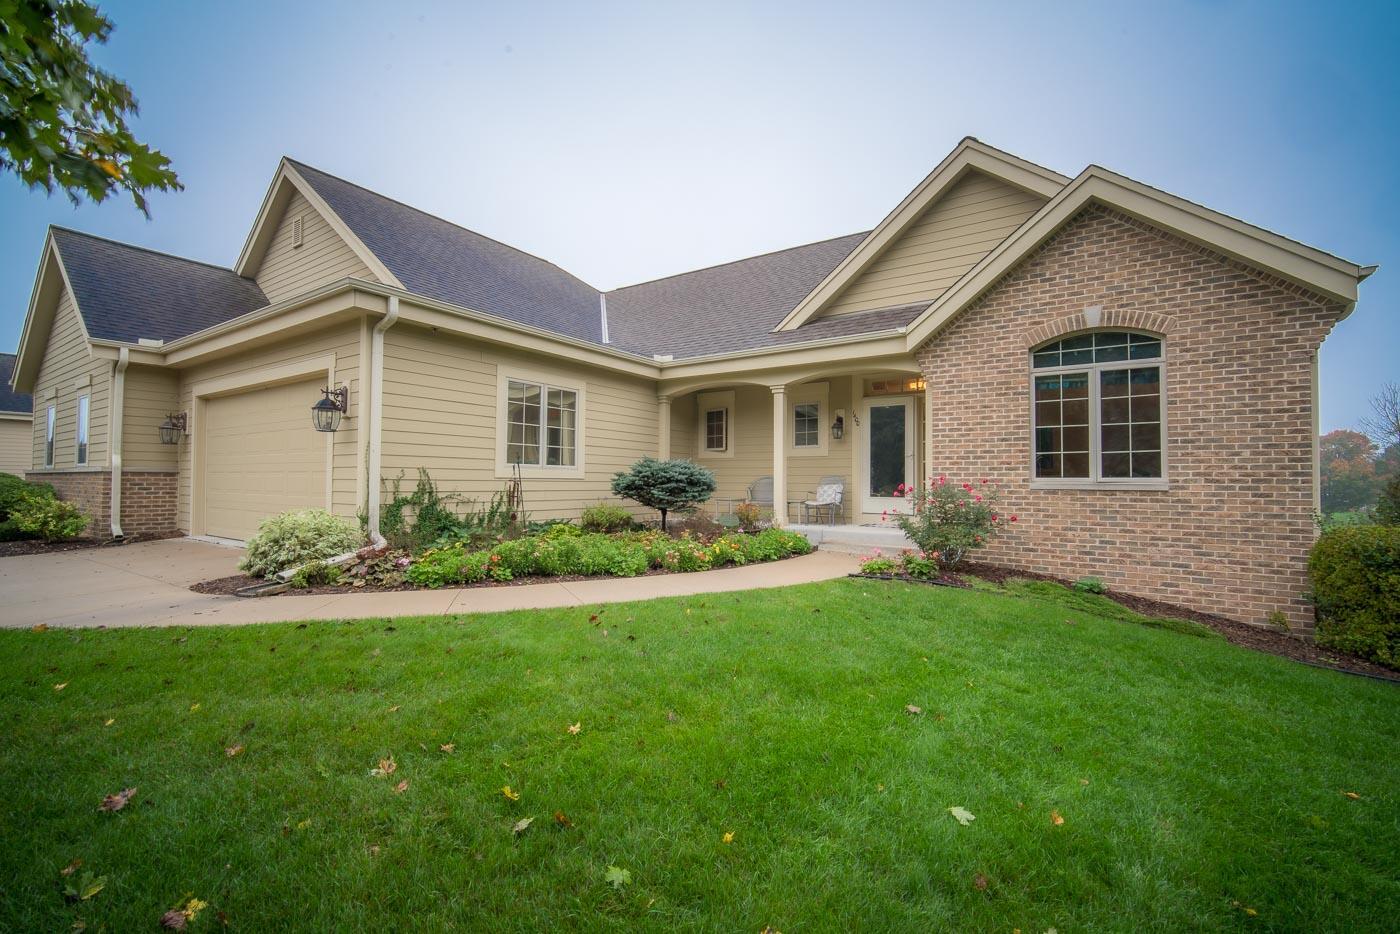 1400 Hidden Waters Cir, West Bend, Wisconsin 53095, 2 Bedrooms Bedrooms, ,2 BathroomsBathrooms,Condominiums,For Sale,Hidden Waters Cir,1,1767918